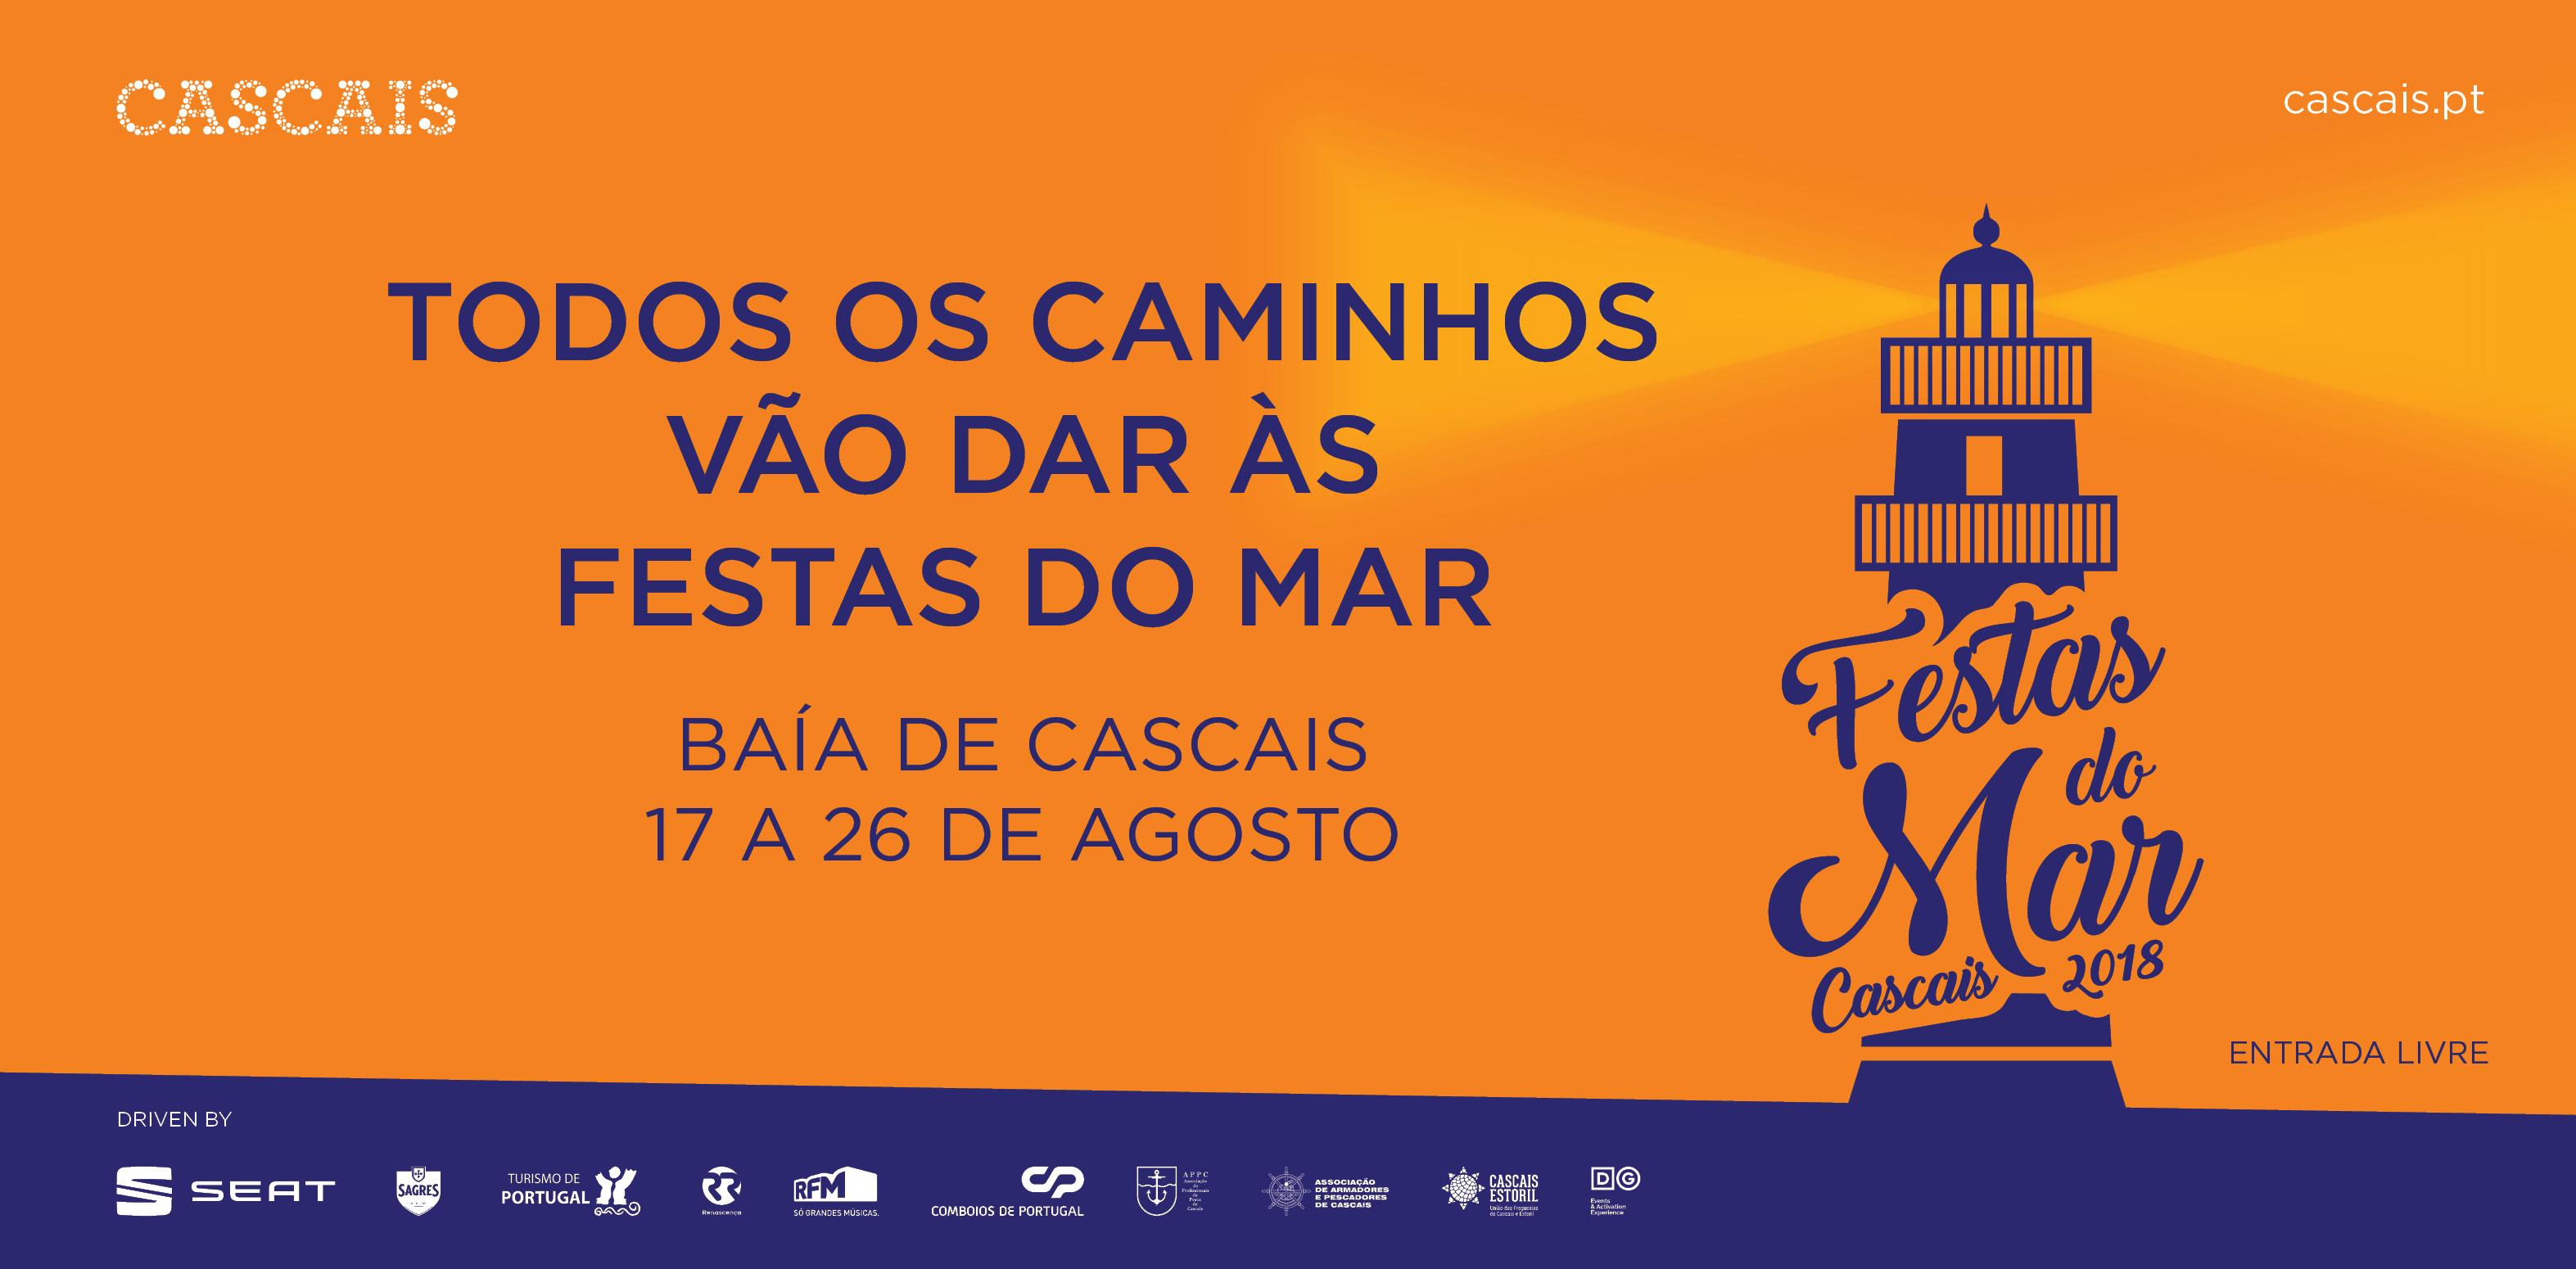 Festas do Mar 2018 - Cartaz